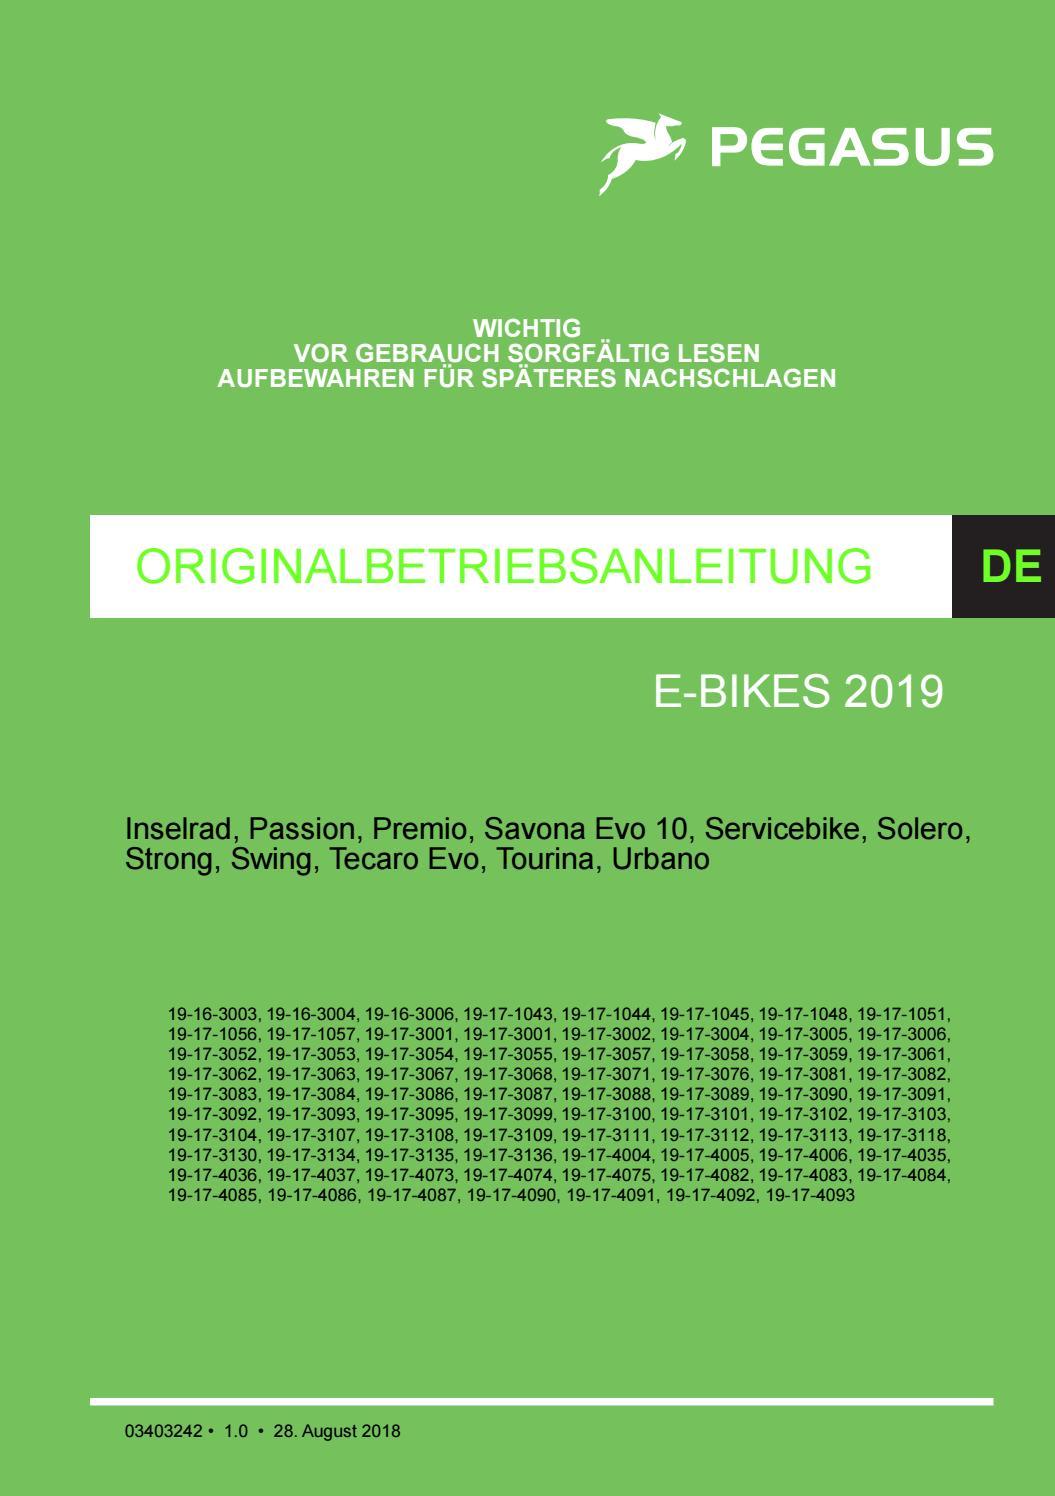 Bedienungsanleitung Pegasus eBike Pedelec 2019 by Axel